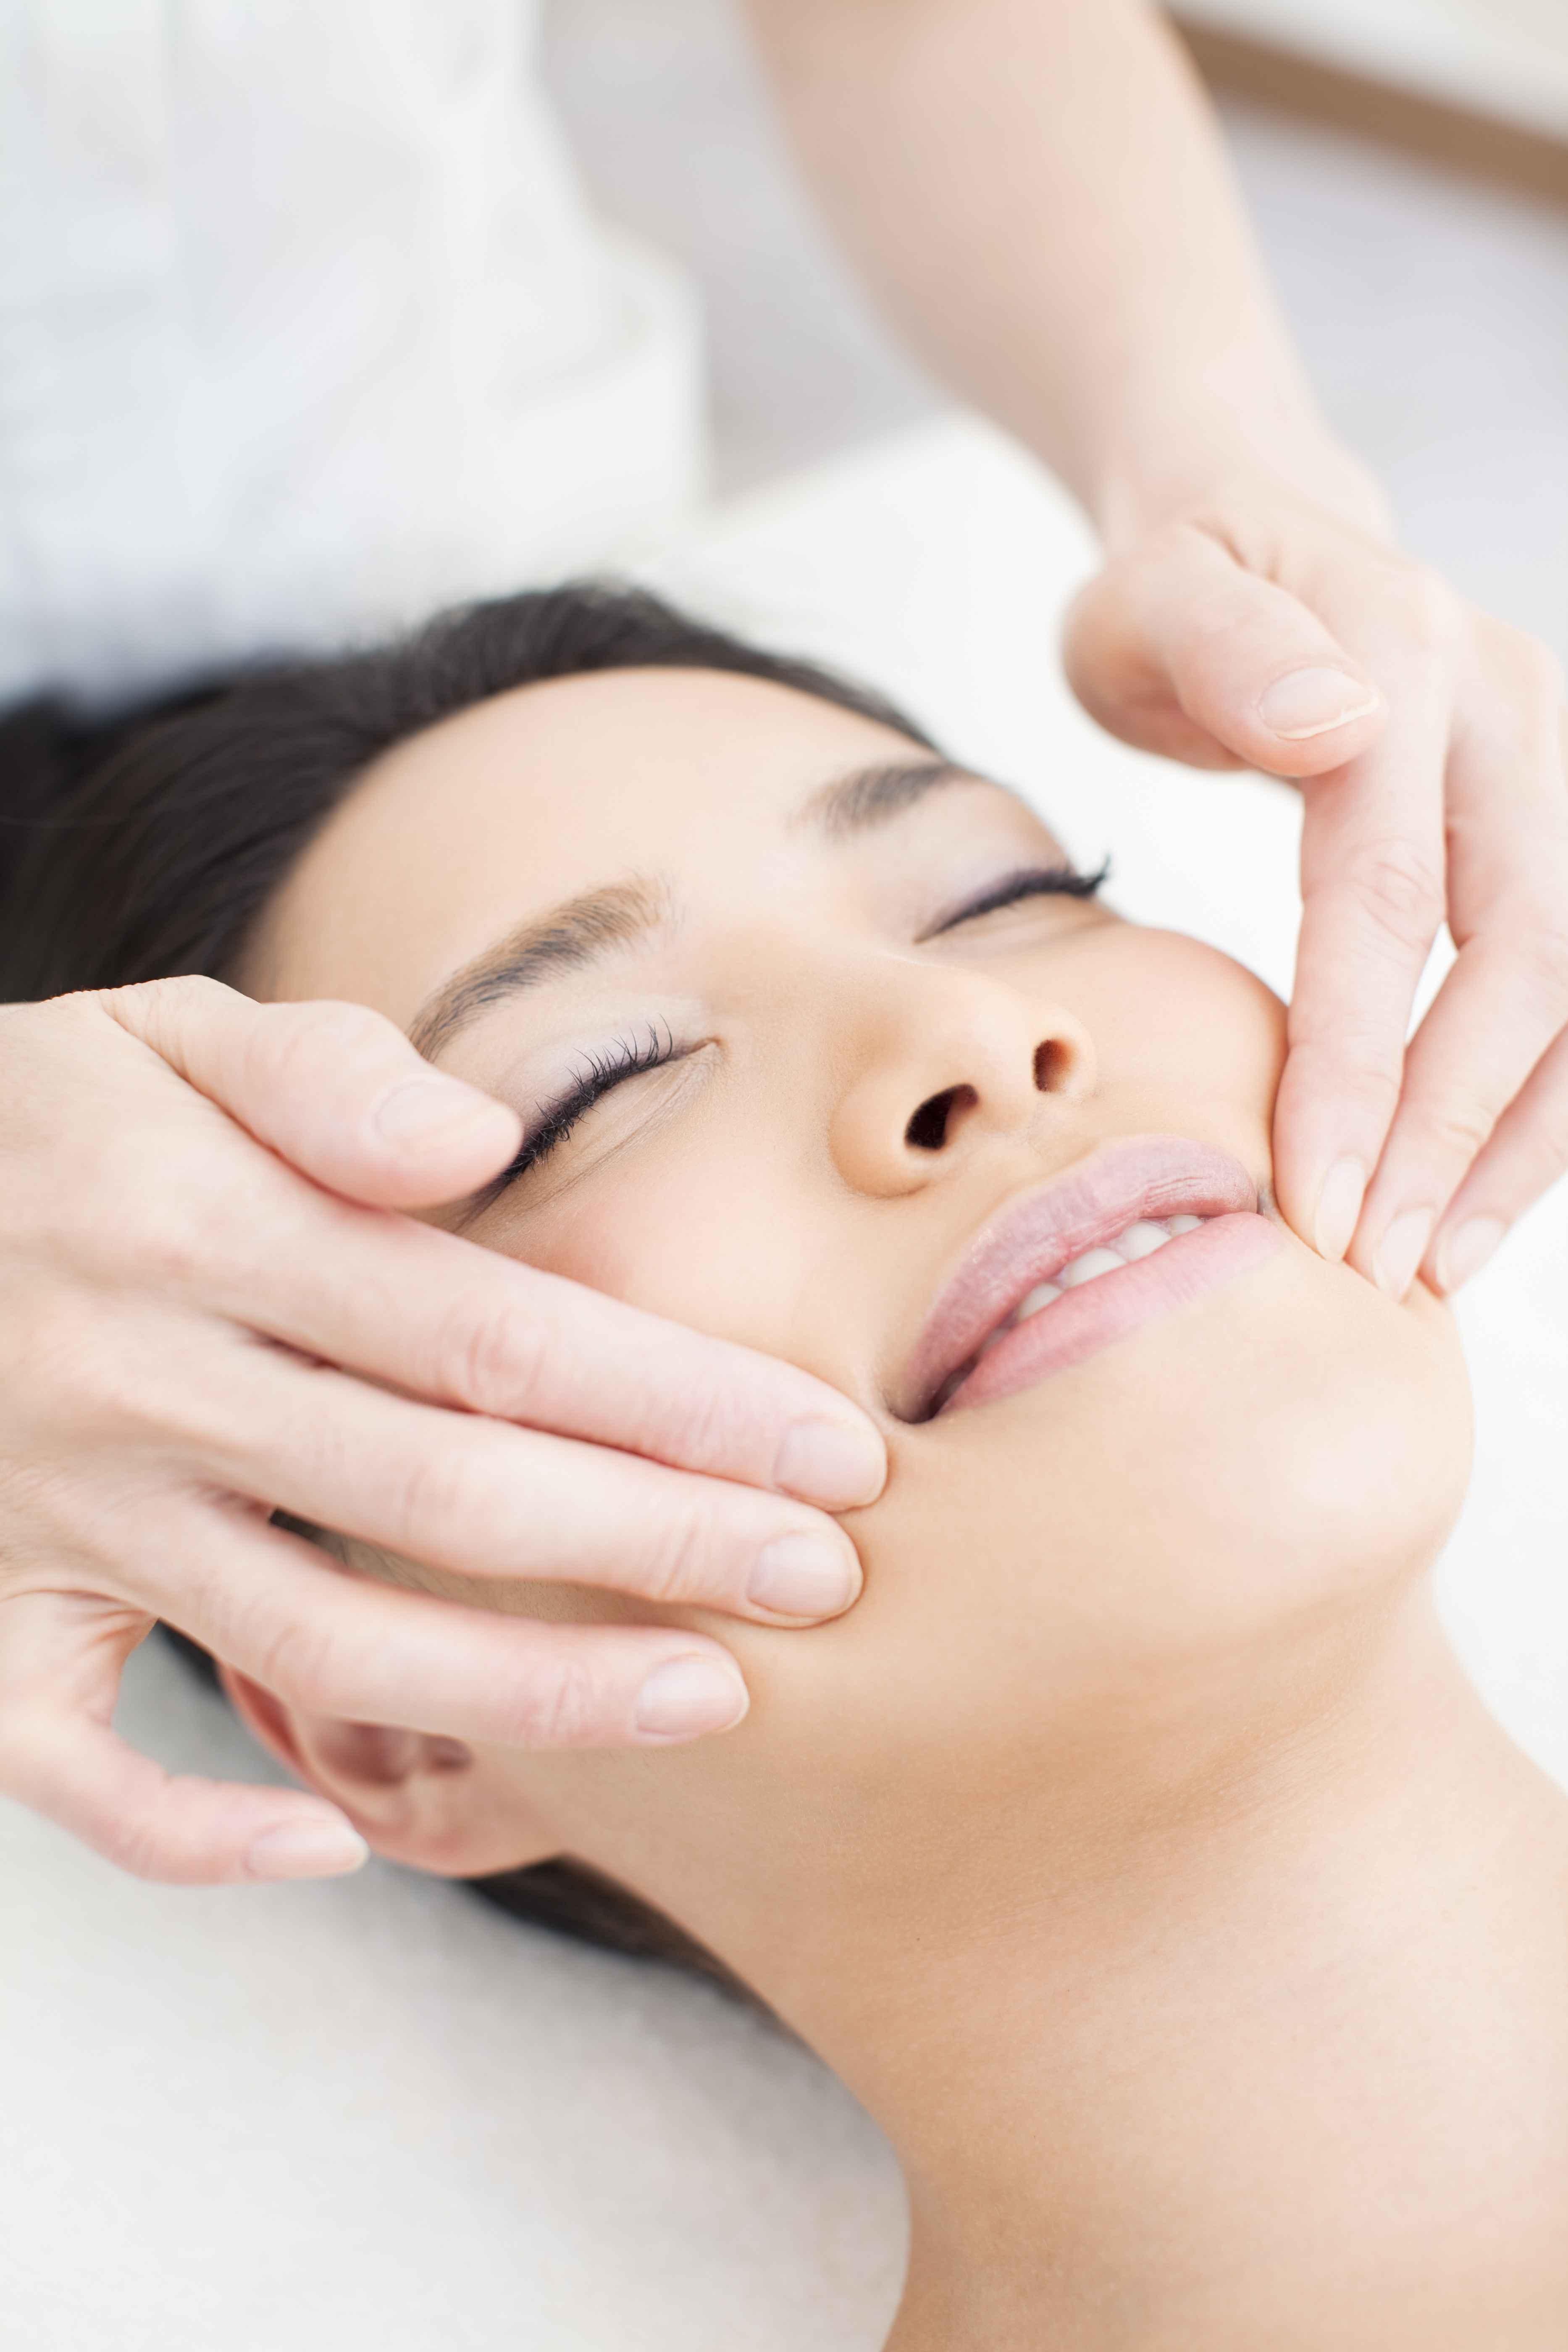 美容按摩面部手法怎么按摩脸部美容效果好